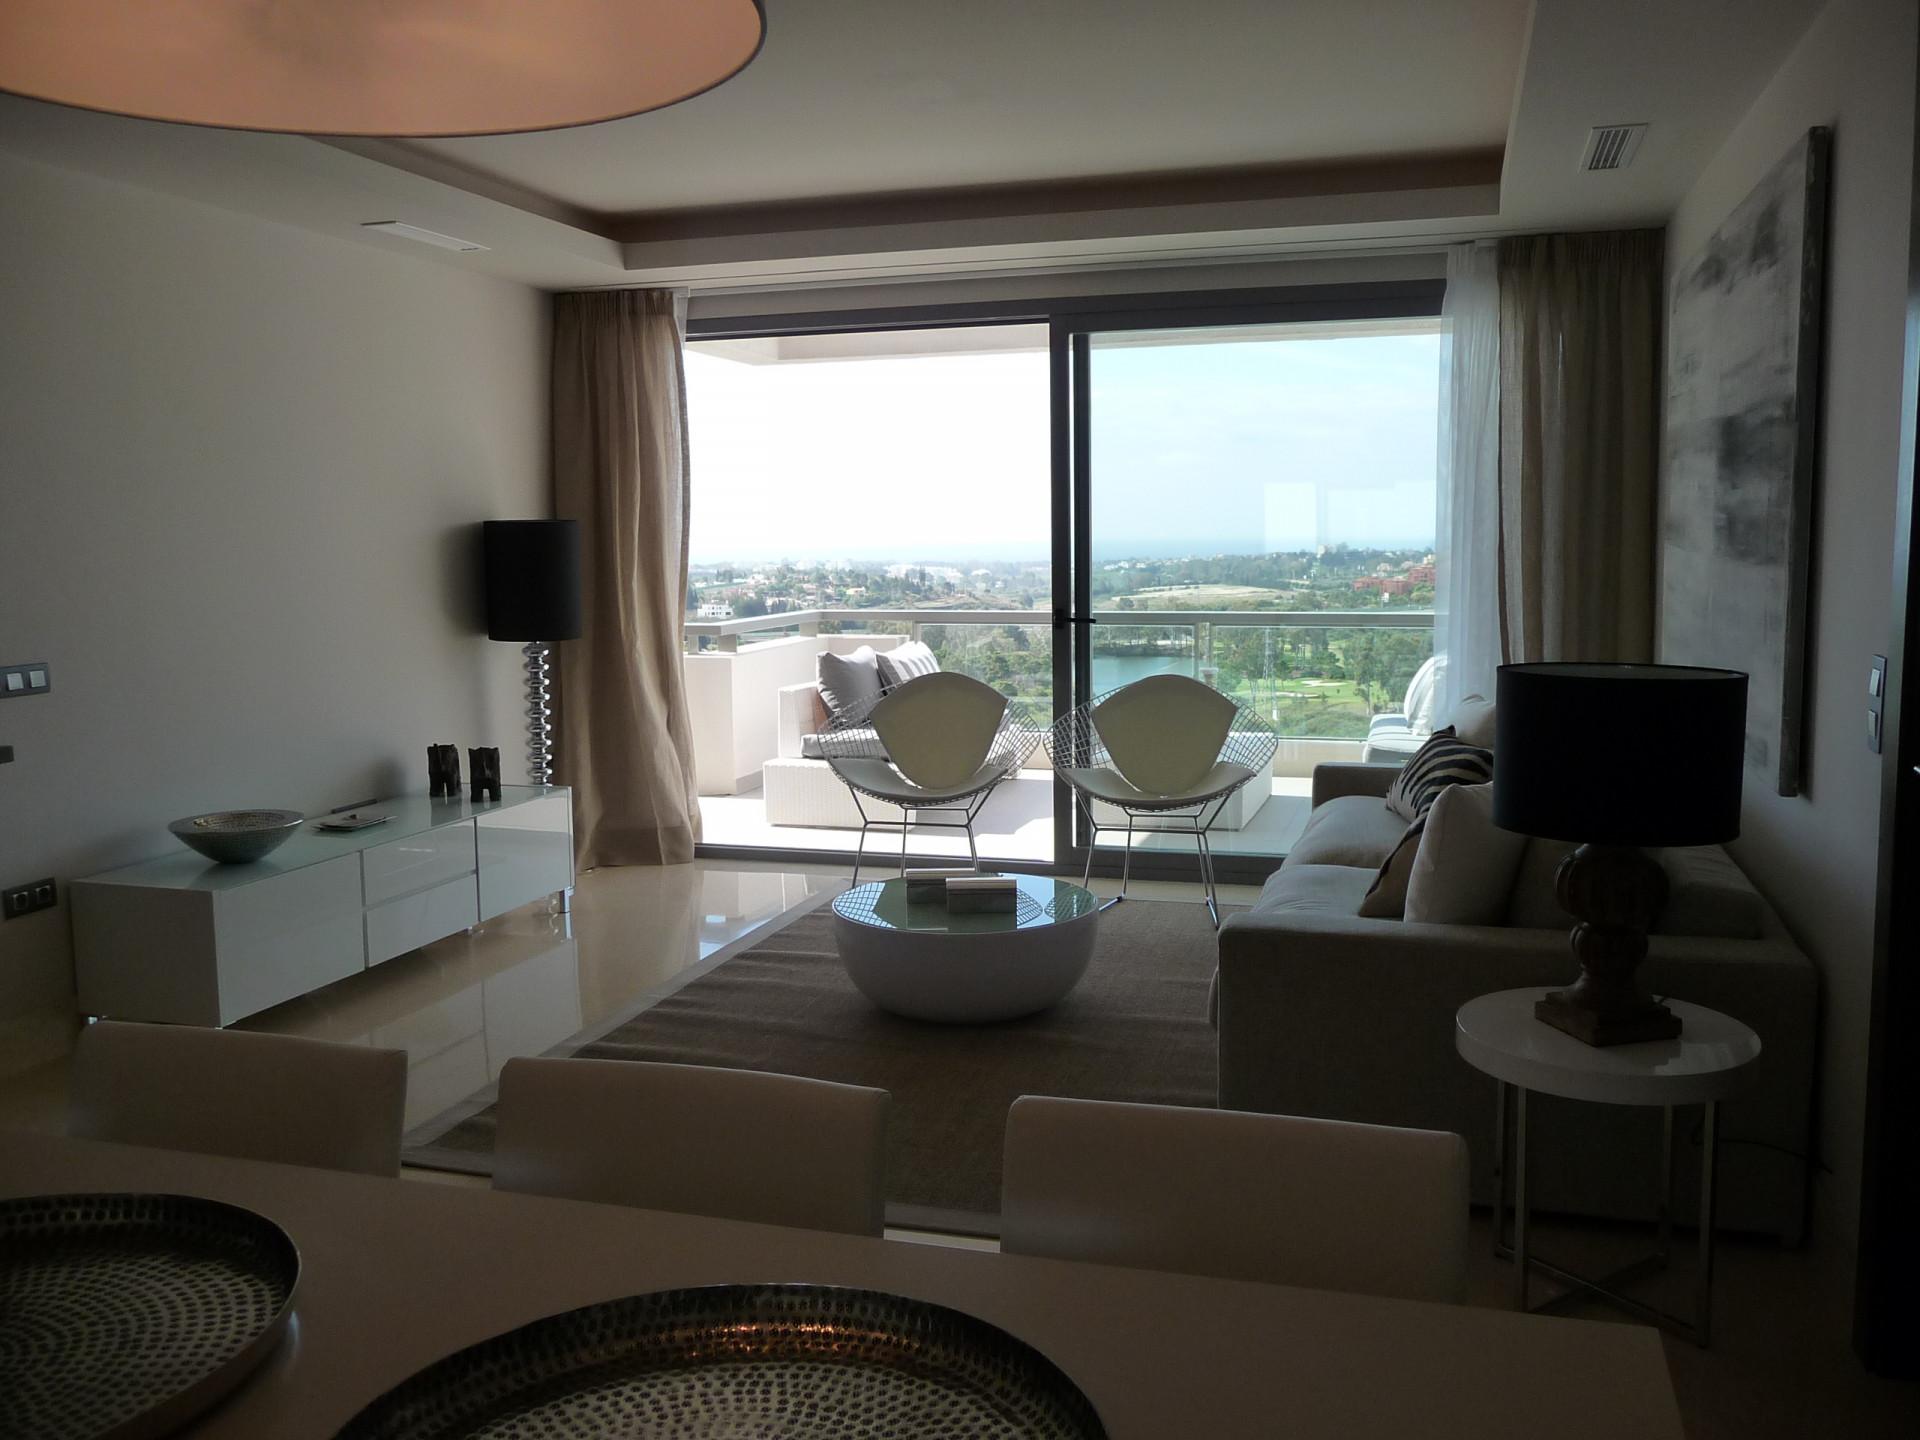 Fantástico apartamento de 2 dormitorios con vistas panorámicas al mar